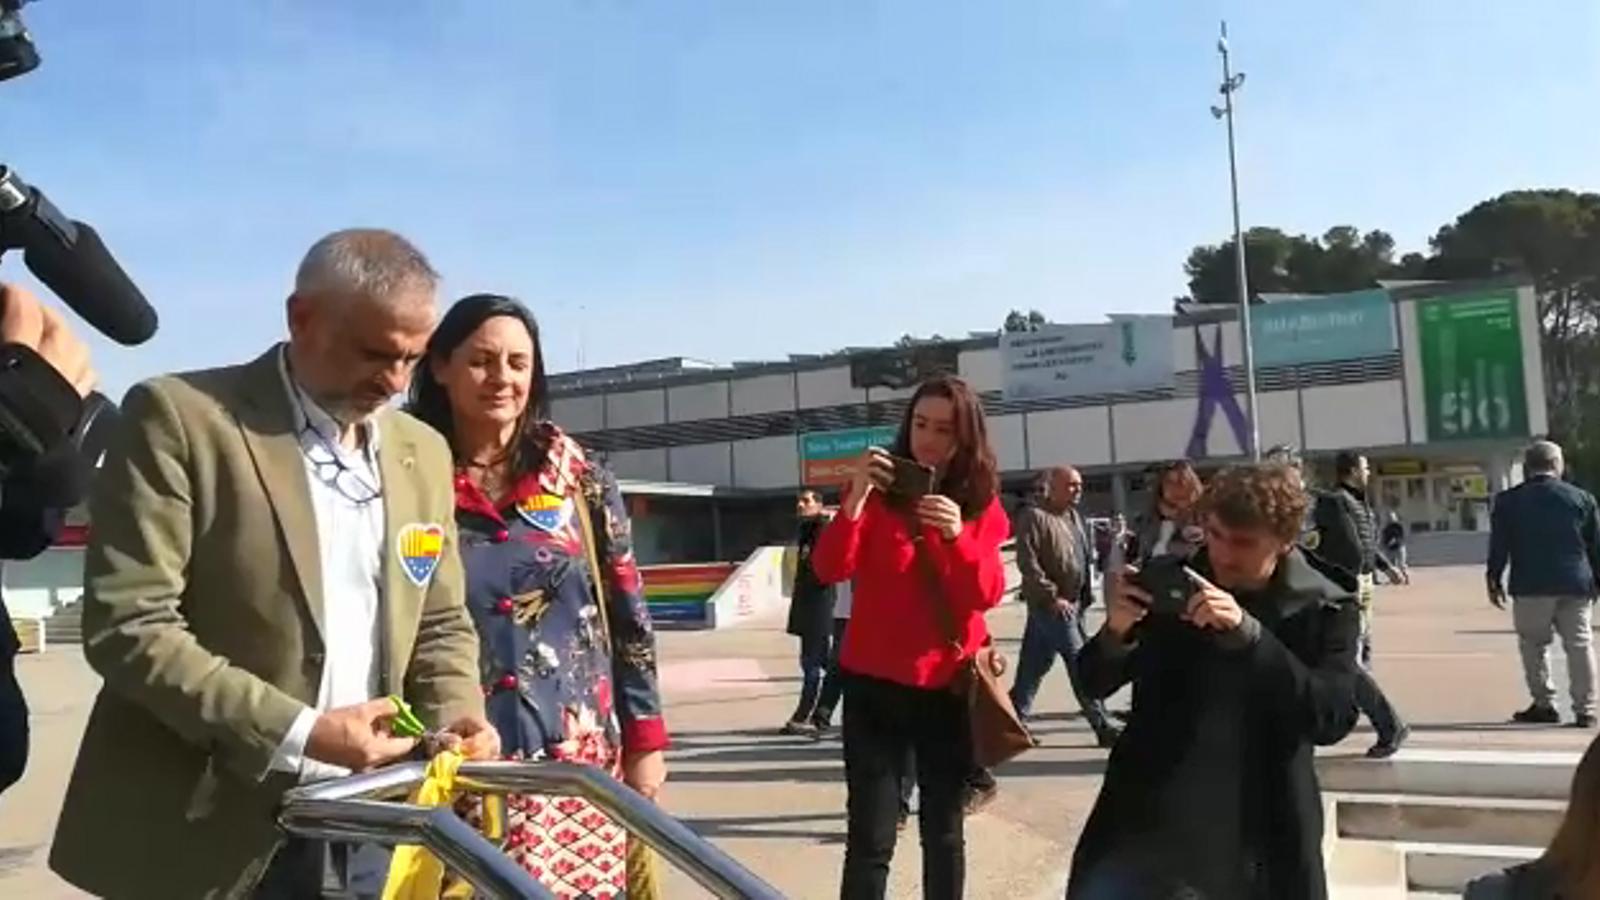 Carlos Carrizosa tallant llaços grocs a la UAB